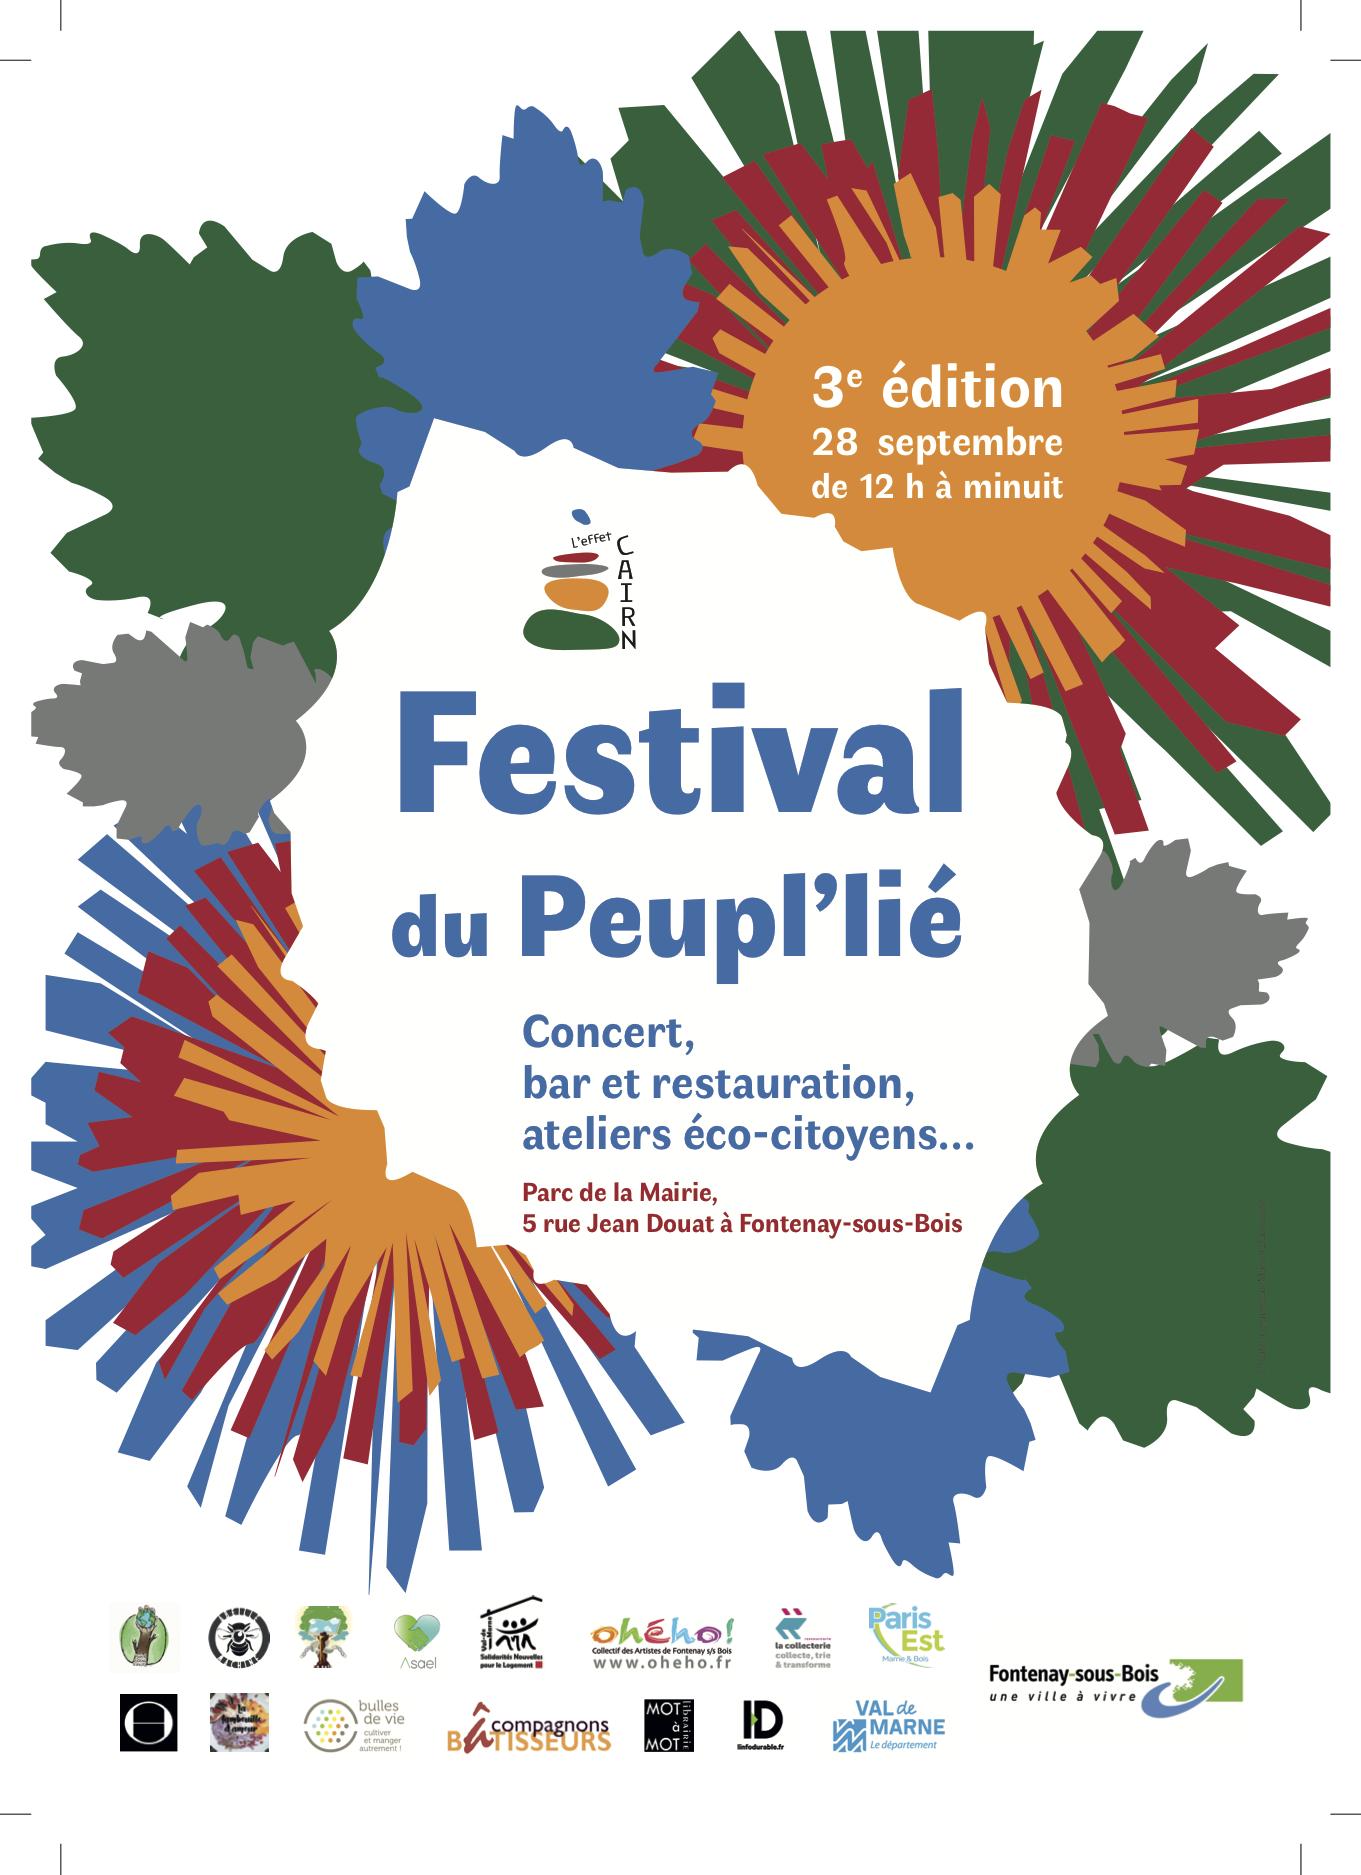 Festival du Peupl'lié